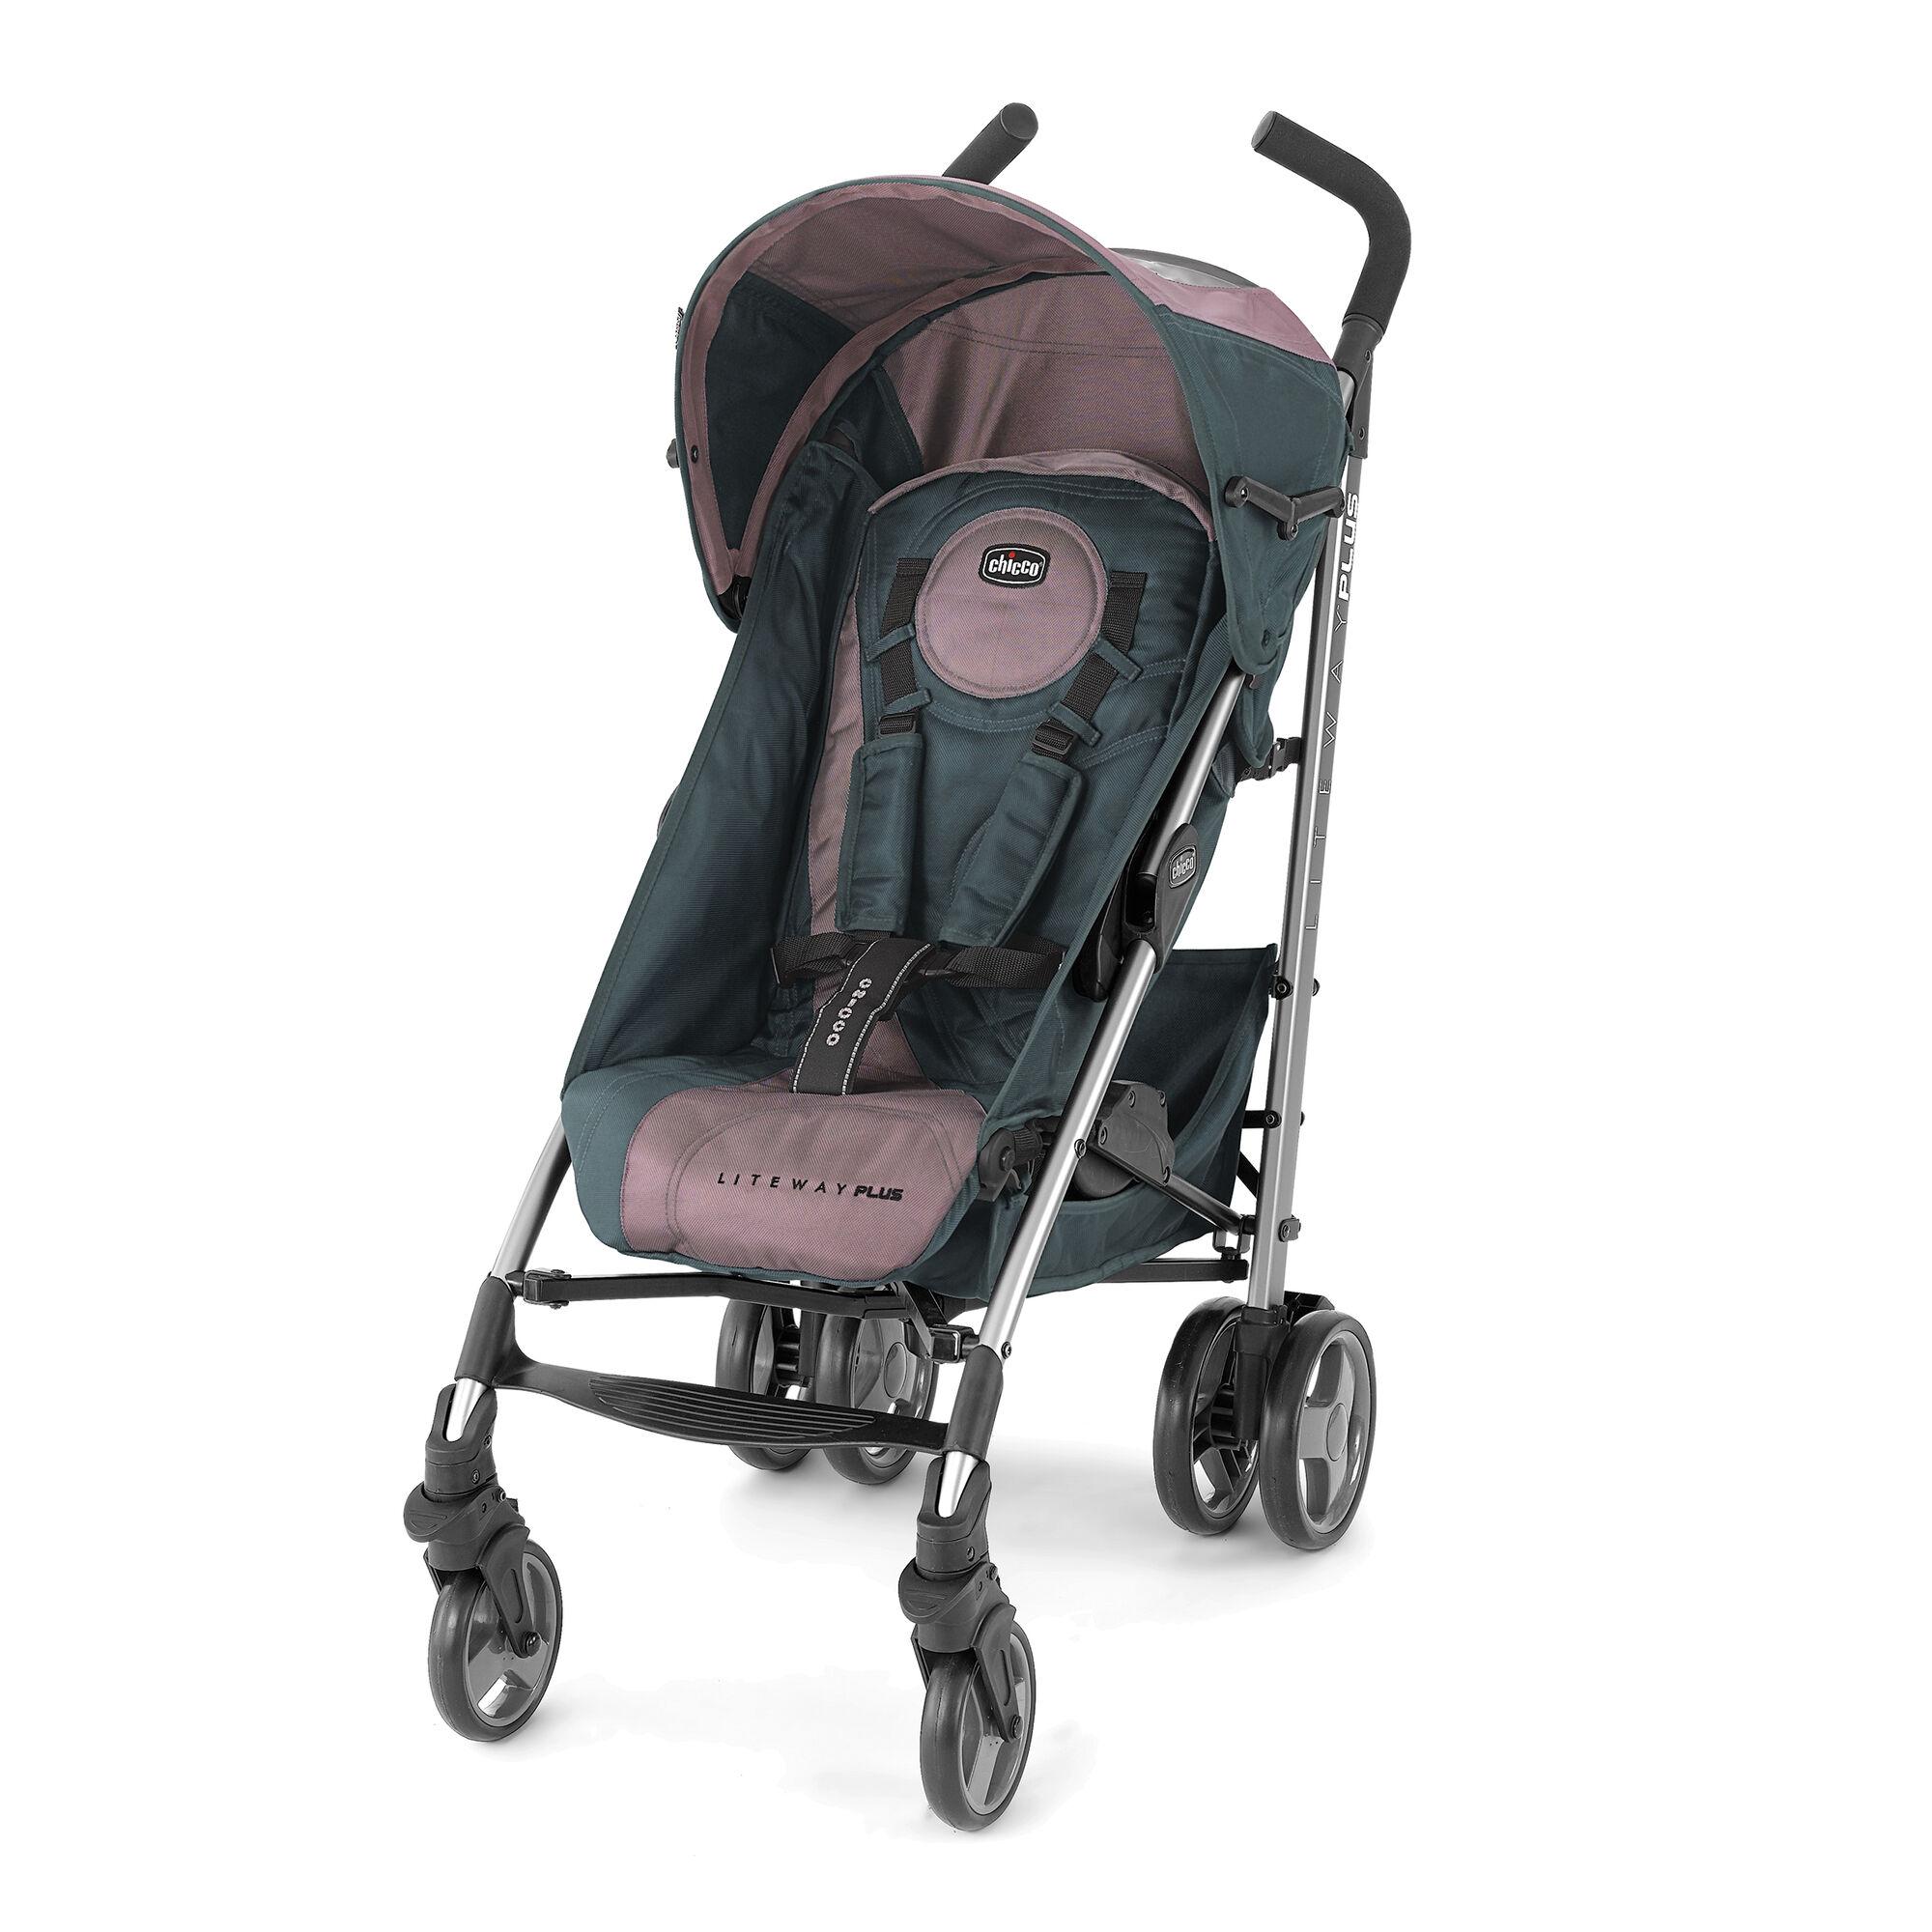 Chicco Liteway Plus 2-in-1 Stroller - Lyra